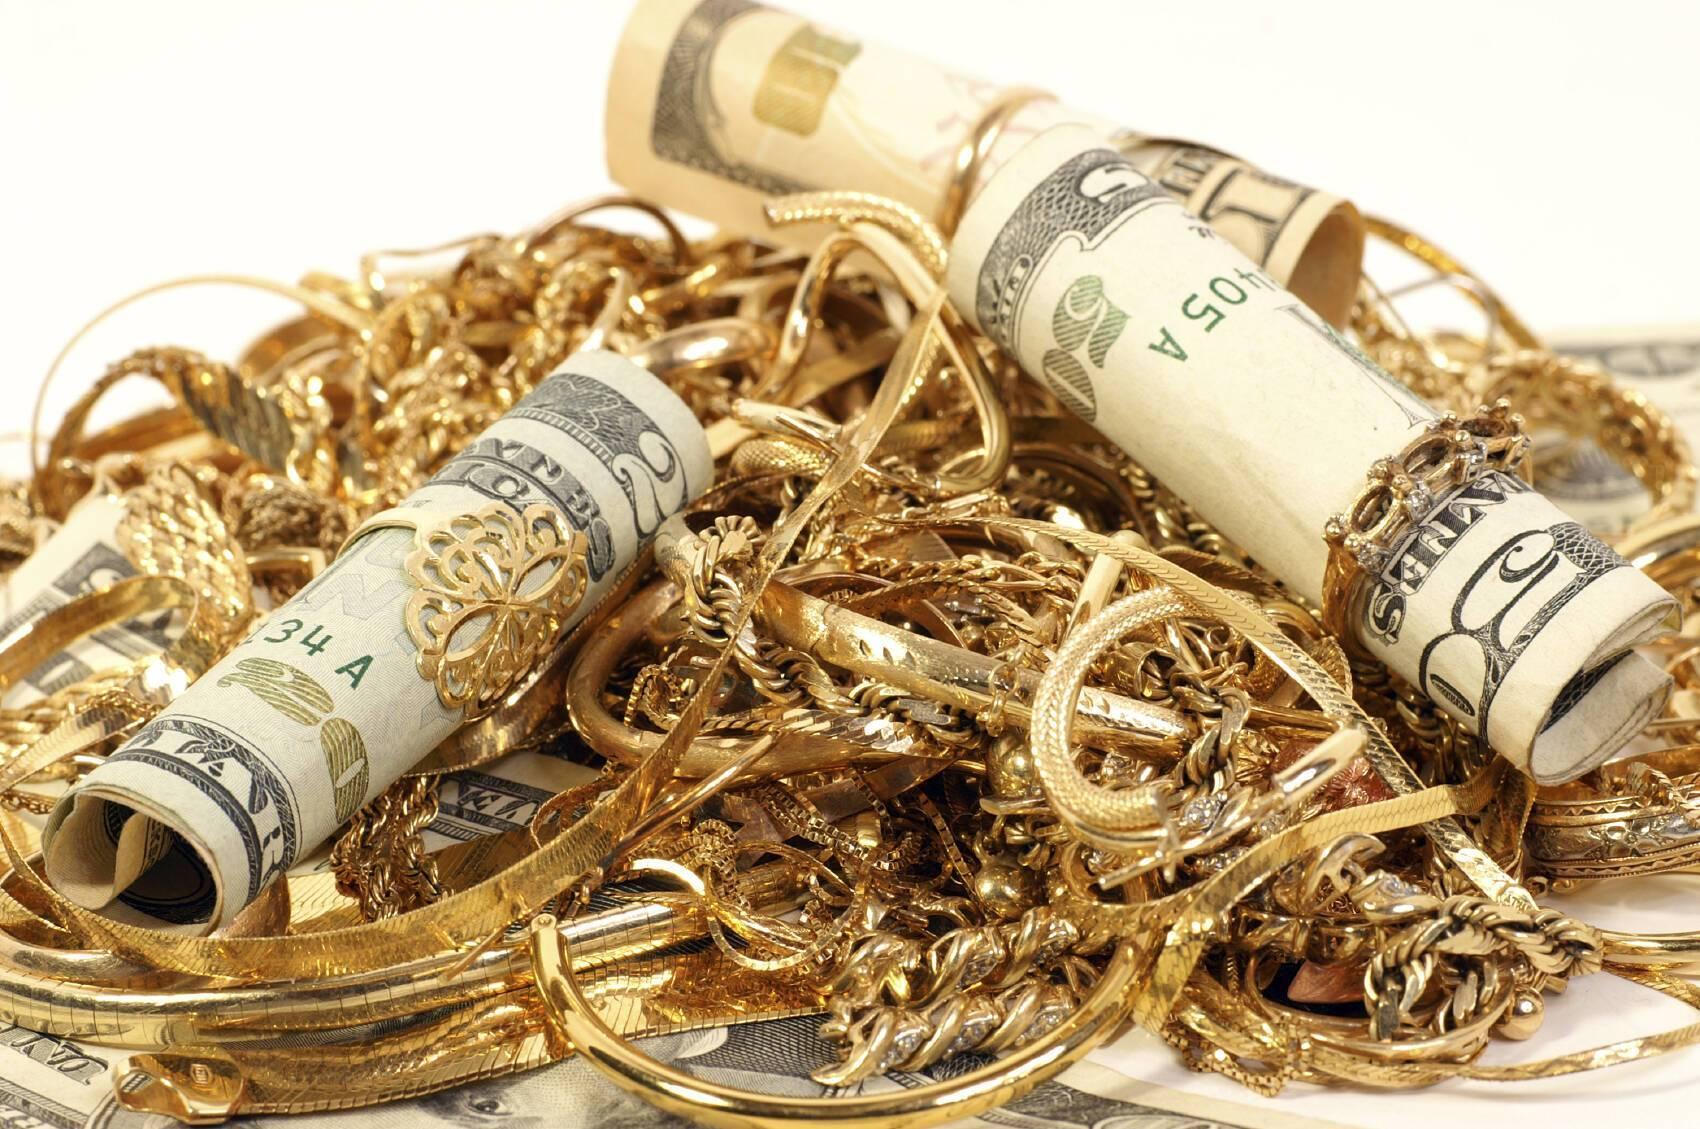 Грабители срывают золотые украшения с женщин.